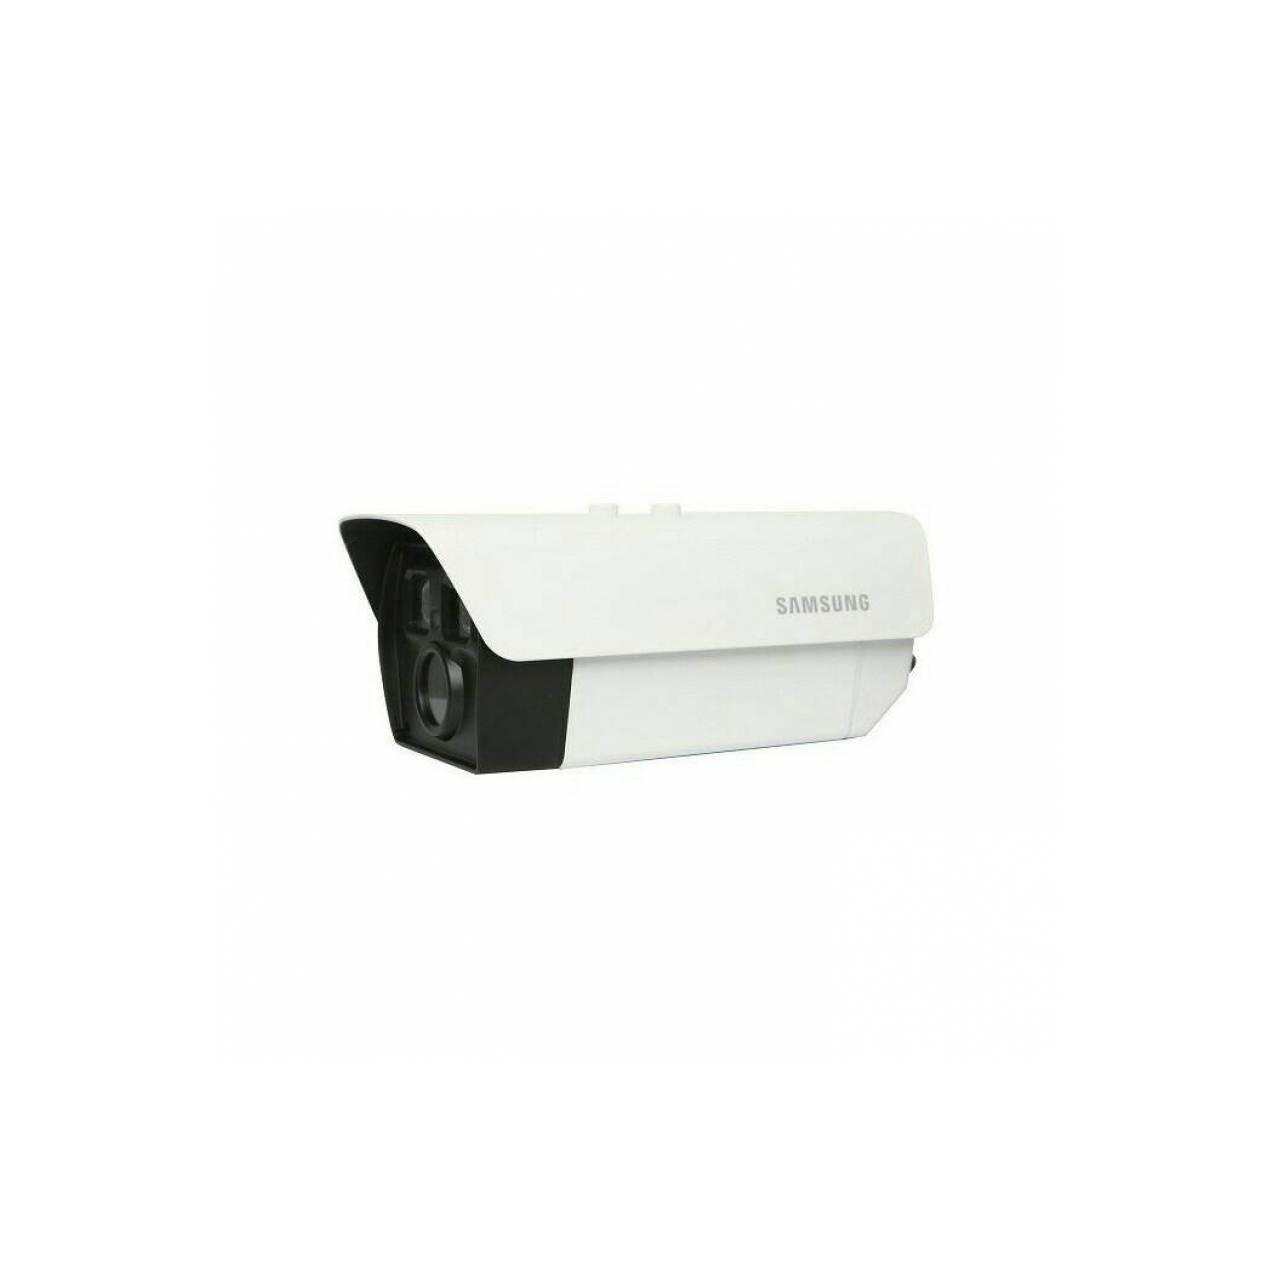 CCTV CAMERA SAMSUNG Sco L2033rp promo (Original)